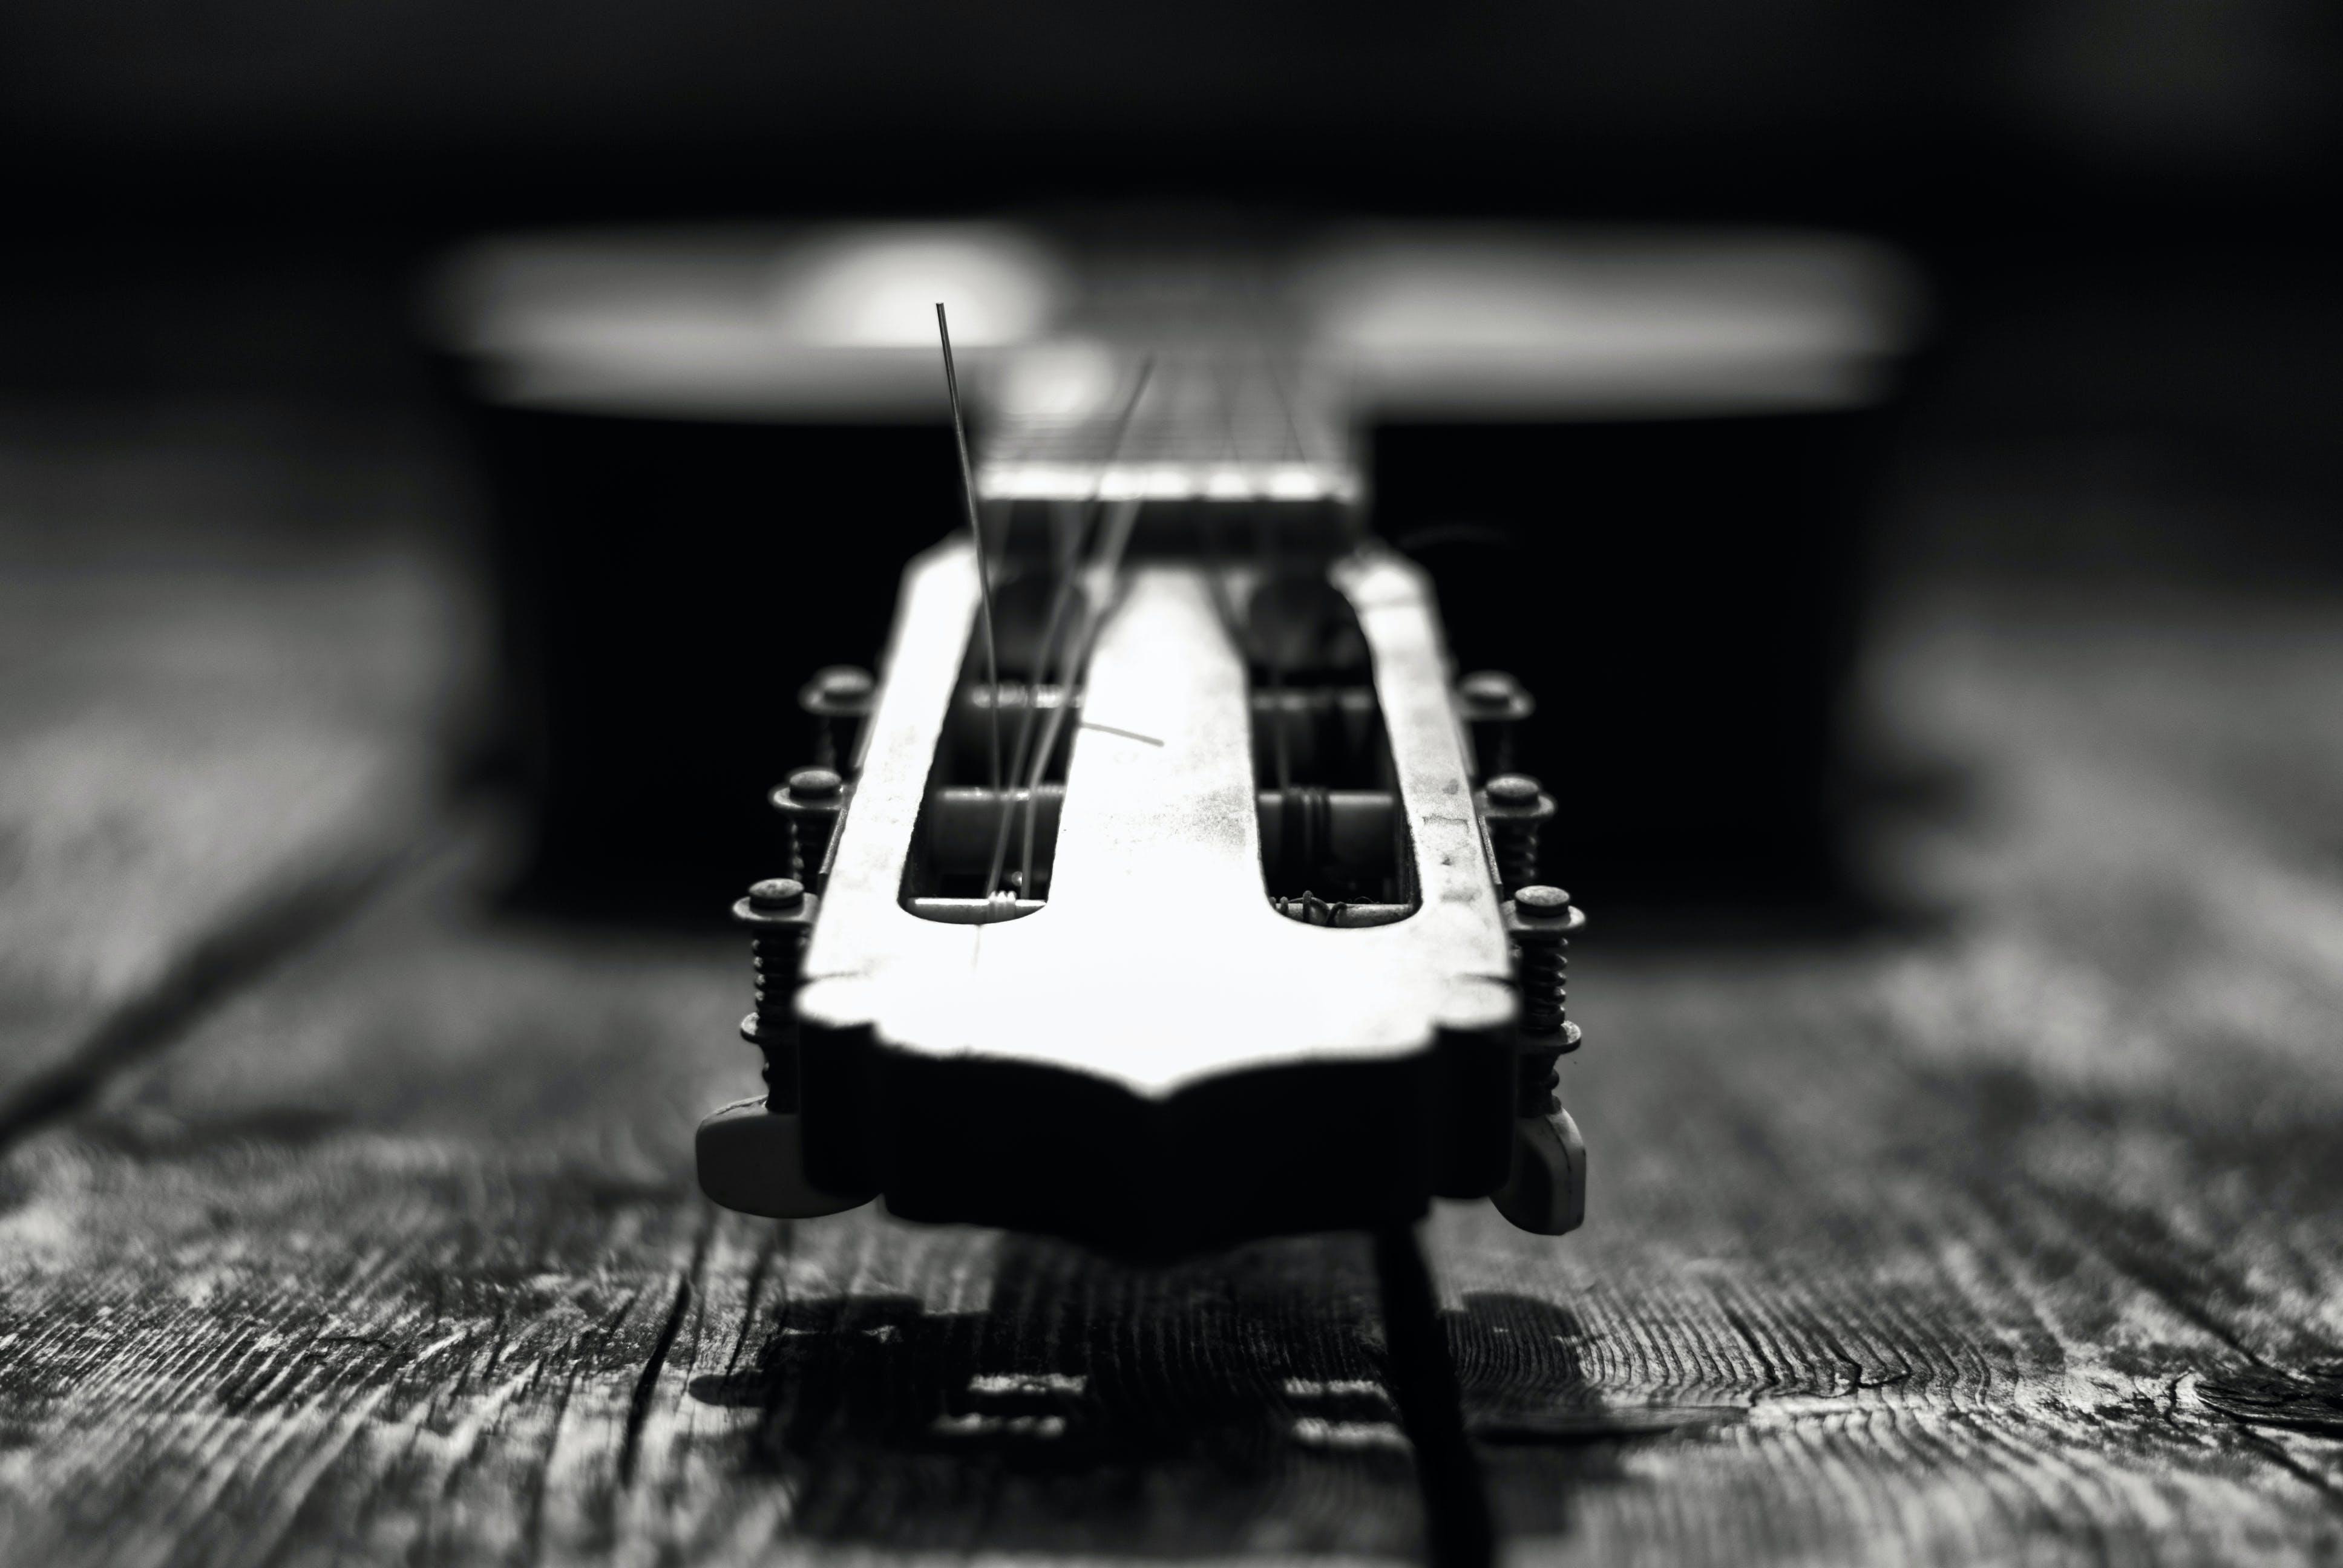 černobílá, černobílý, hudební nástroj